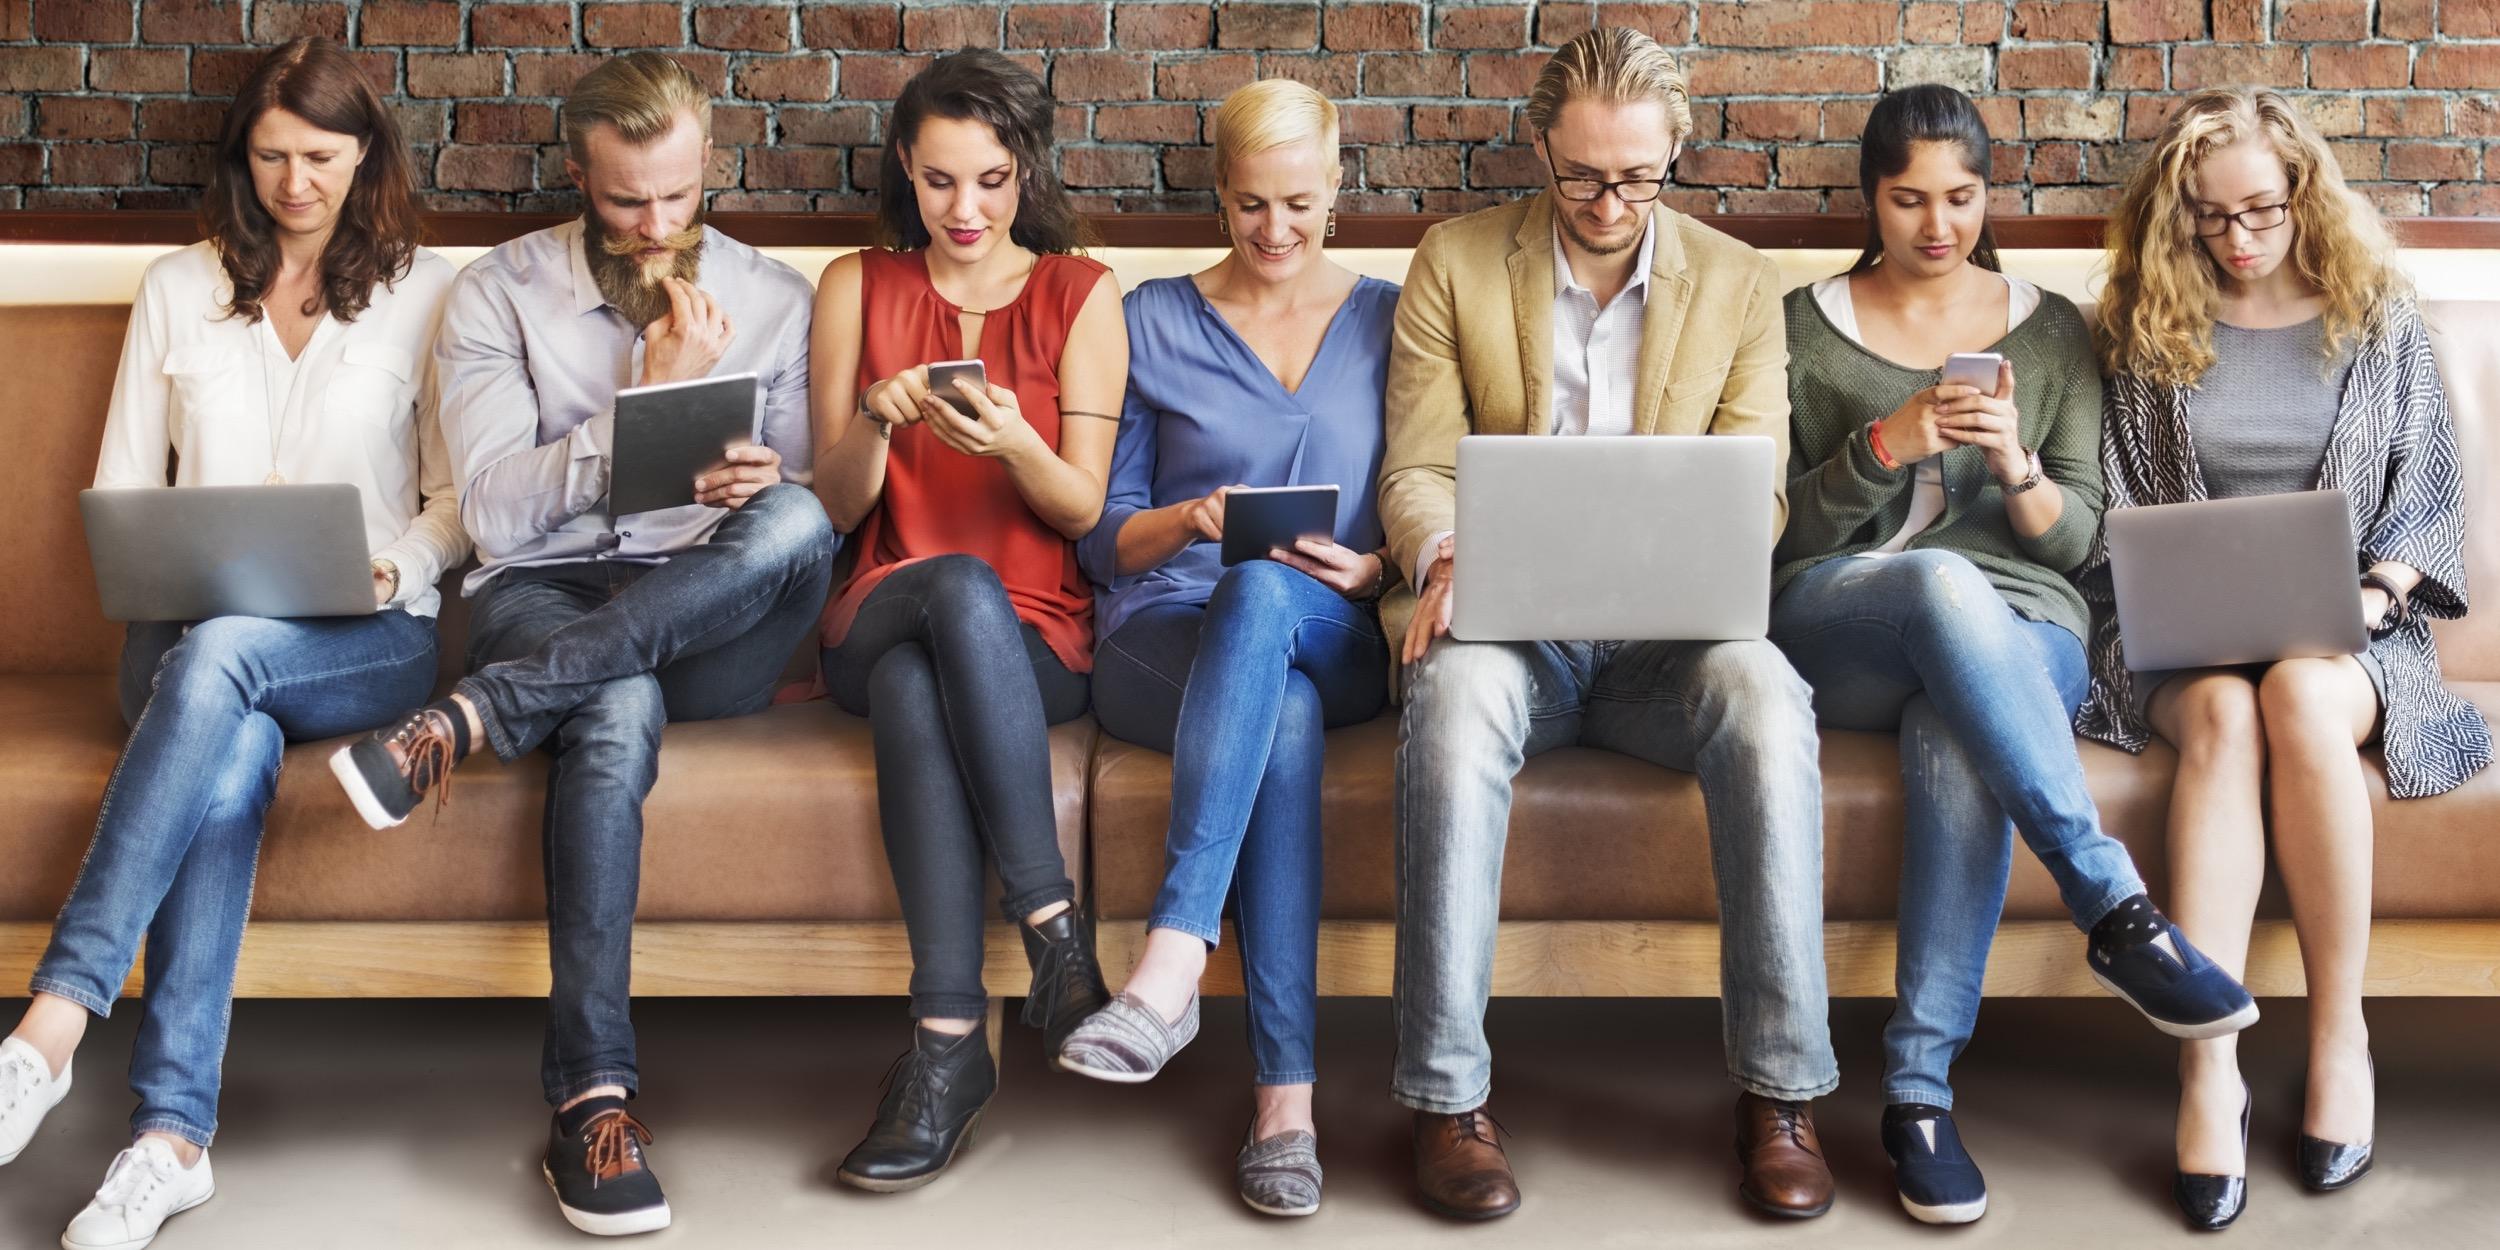 (Rawpixel.com/Shutterstock.com) Hotel Appartement und Pension Haus Stallmeister auf Social Media Seiten - Twitter, Instagram, Facebook etc.